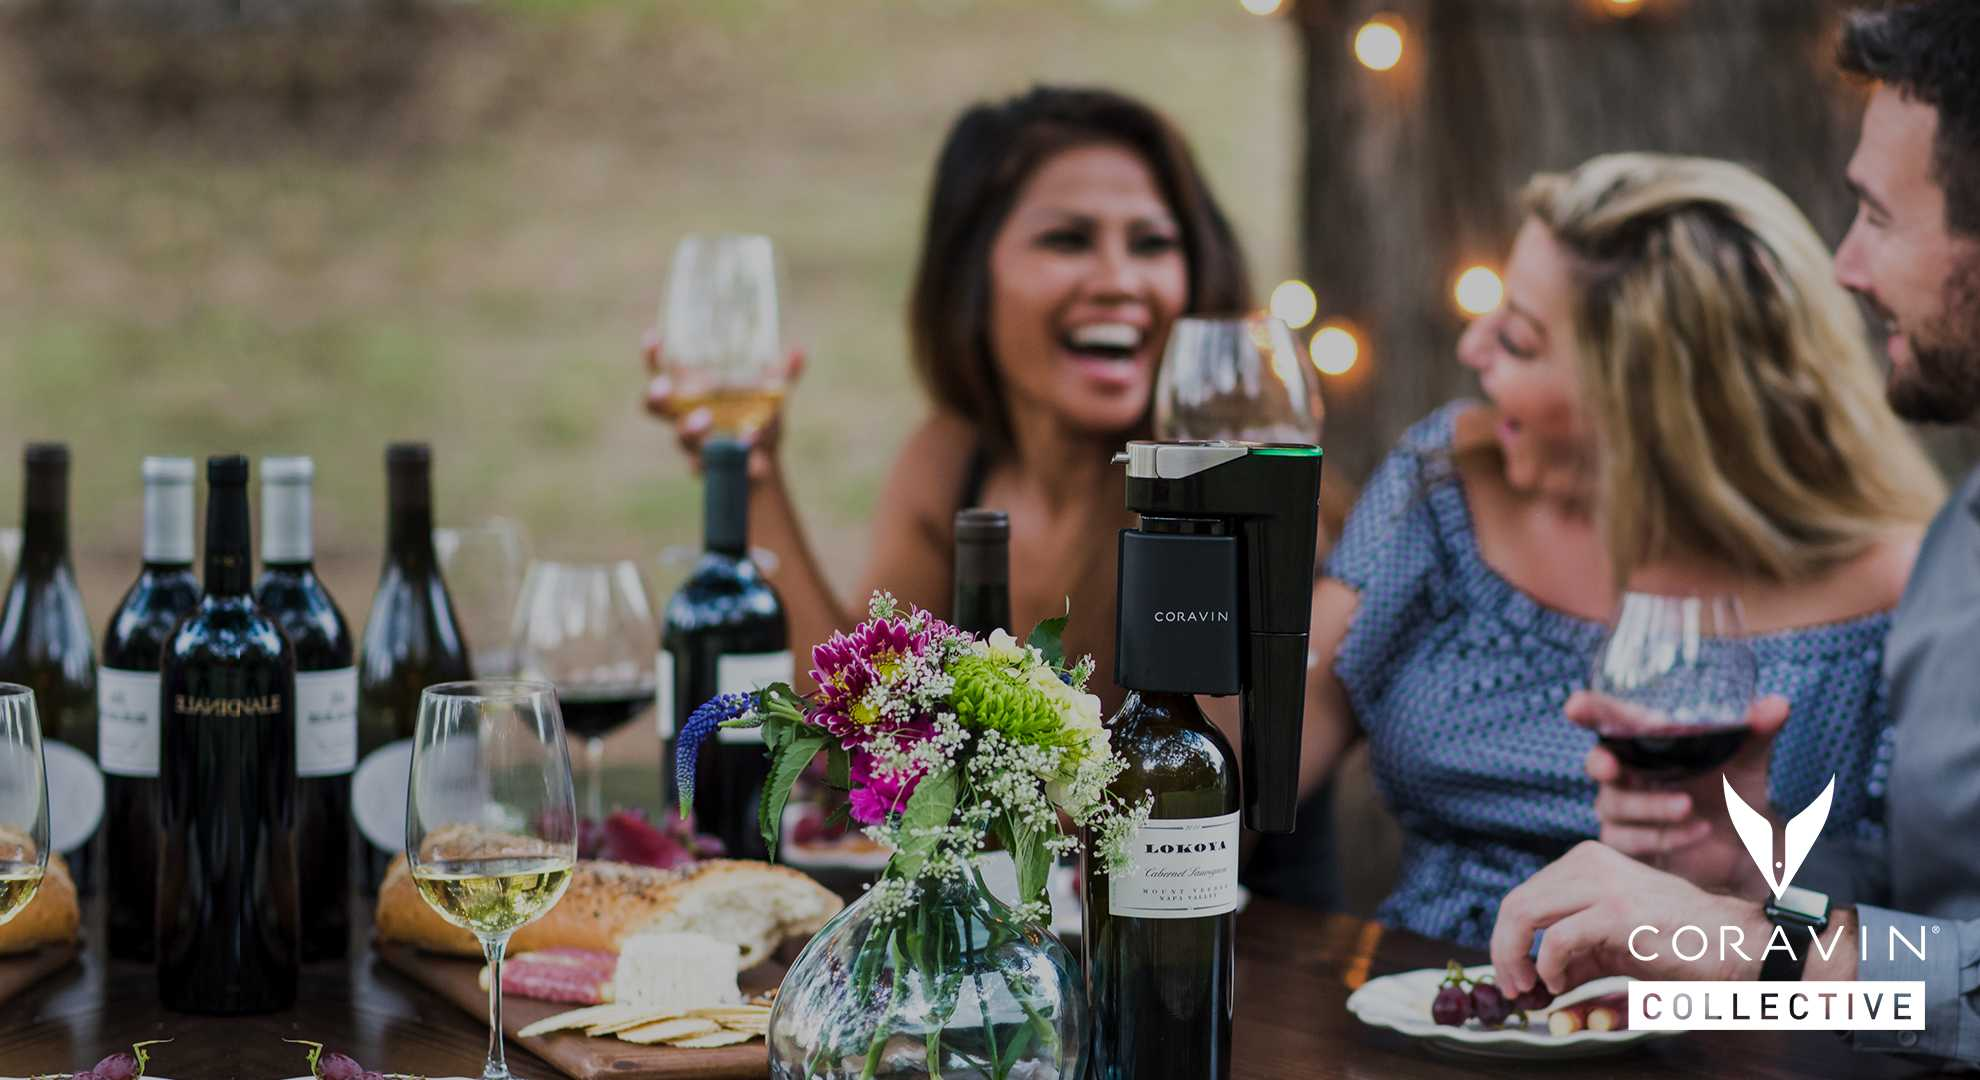 Des amis en train d'utiliser un système Coravin pour déguster du vin rouge et blanc sur une table de pique-nique en extérieur, avec le logo de Coravin Collective.